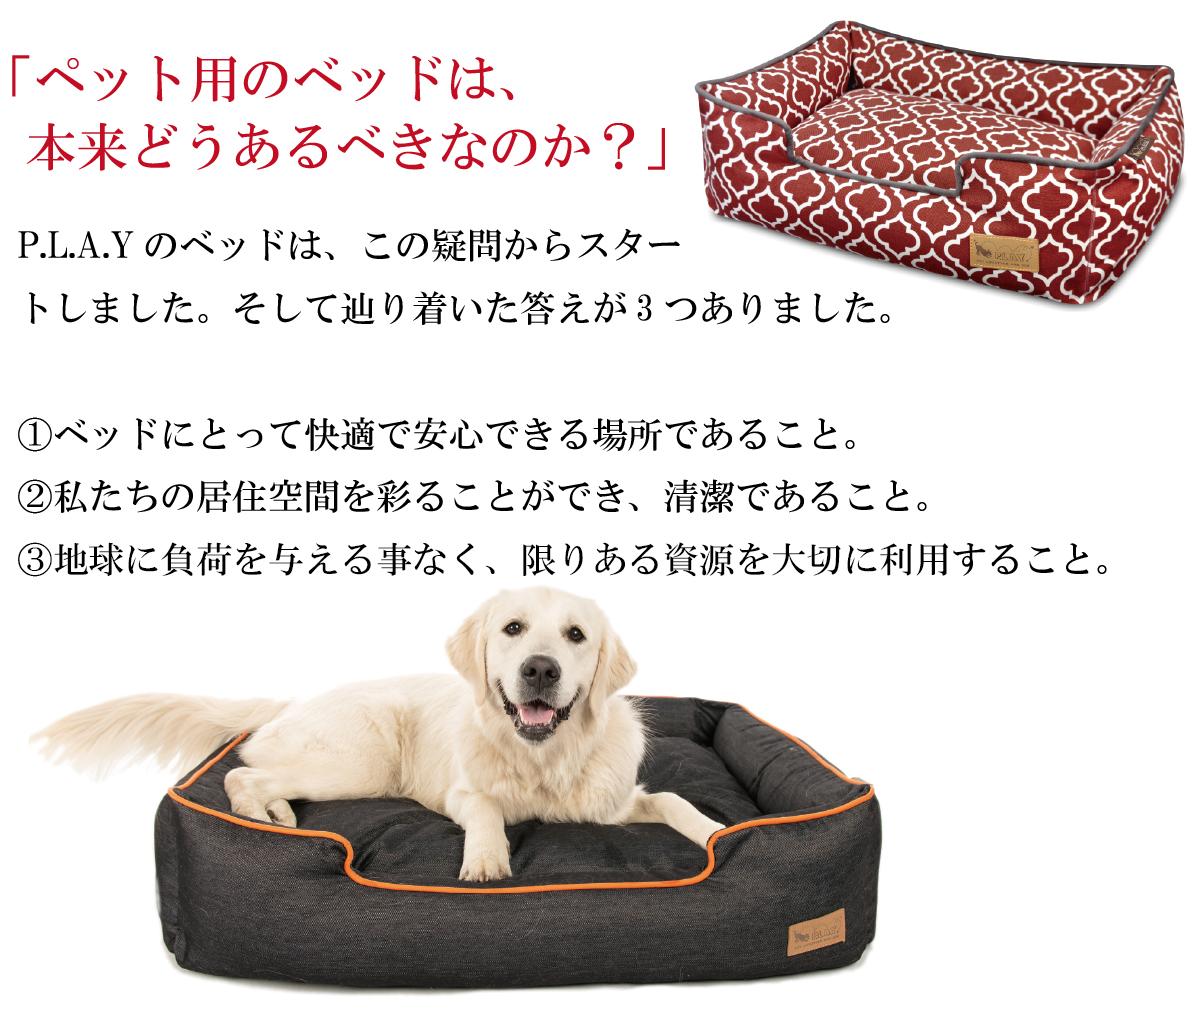 ベッドが本来あるべきこと、ベッドにとって快適で安心できる場所であること、私たちの居住空間を彩ることができ、清潔であること、地球に負荷を与える事なく、限りある資源を大切に利用することが本商品にはあります。